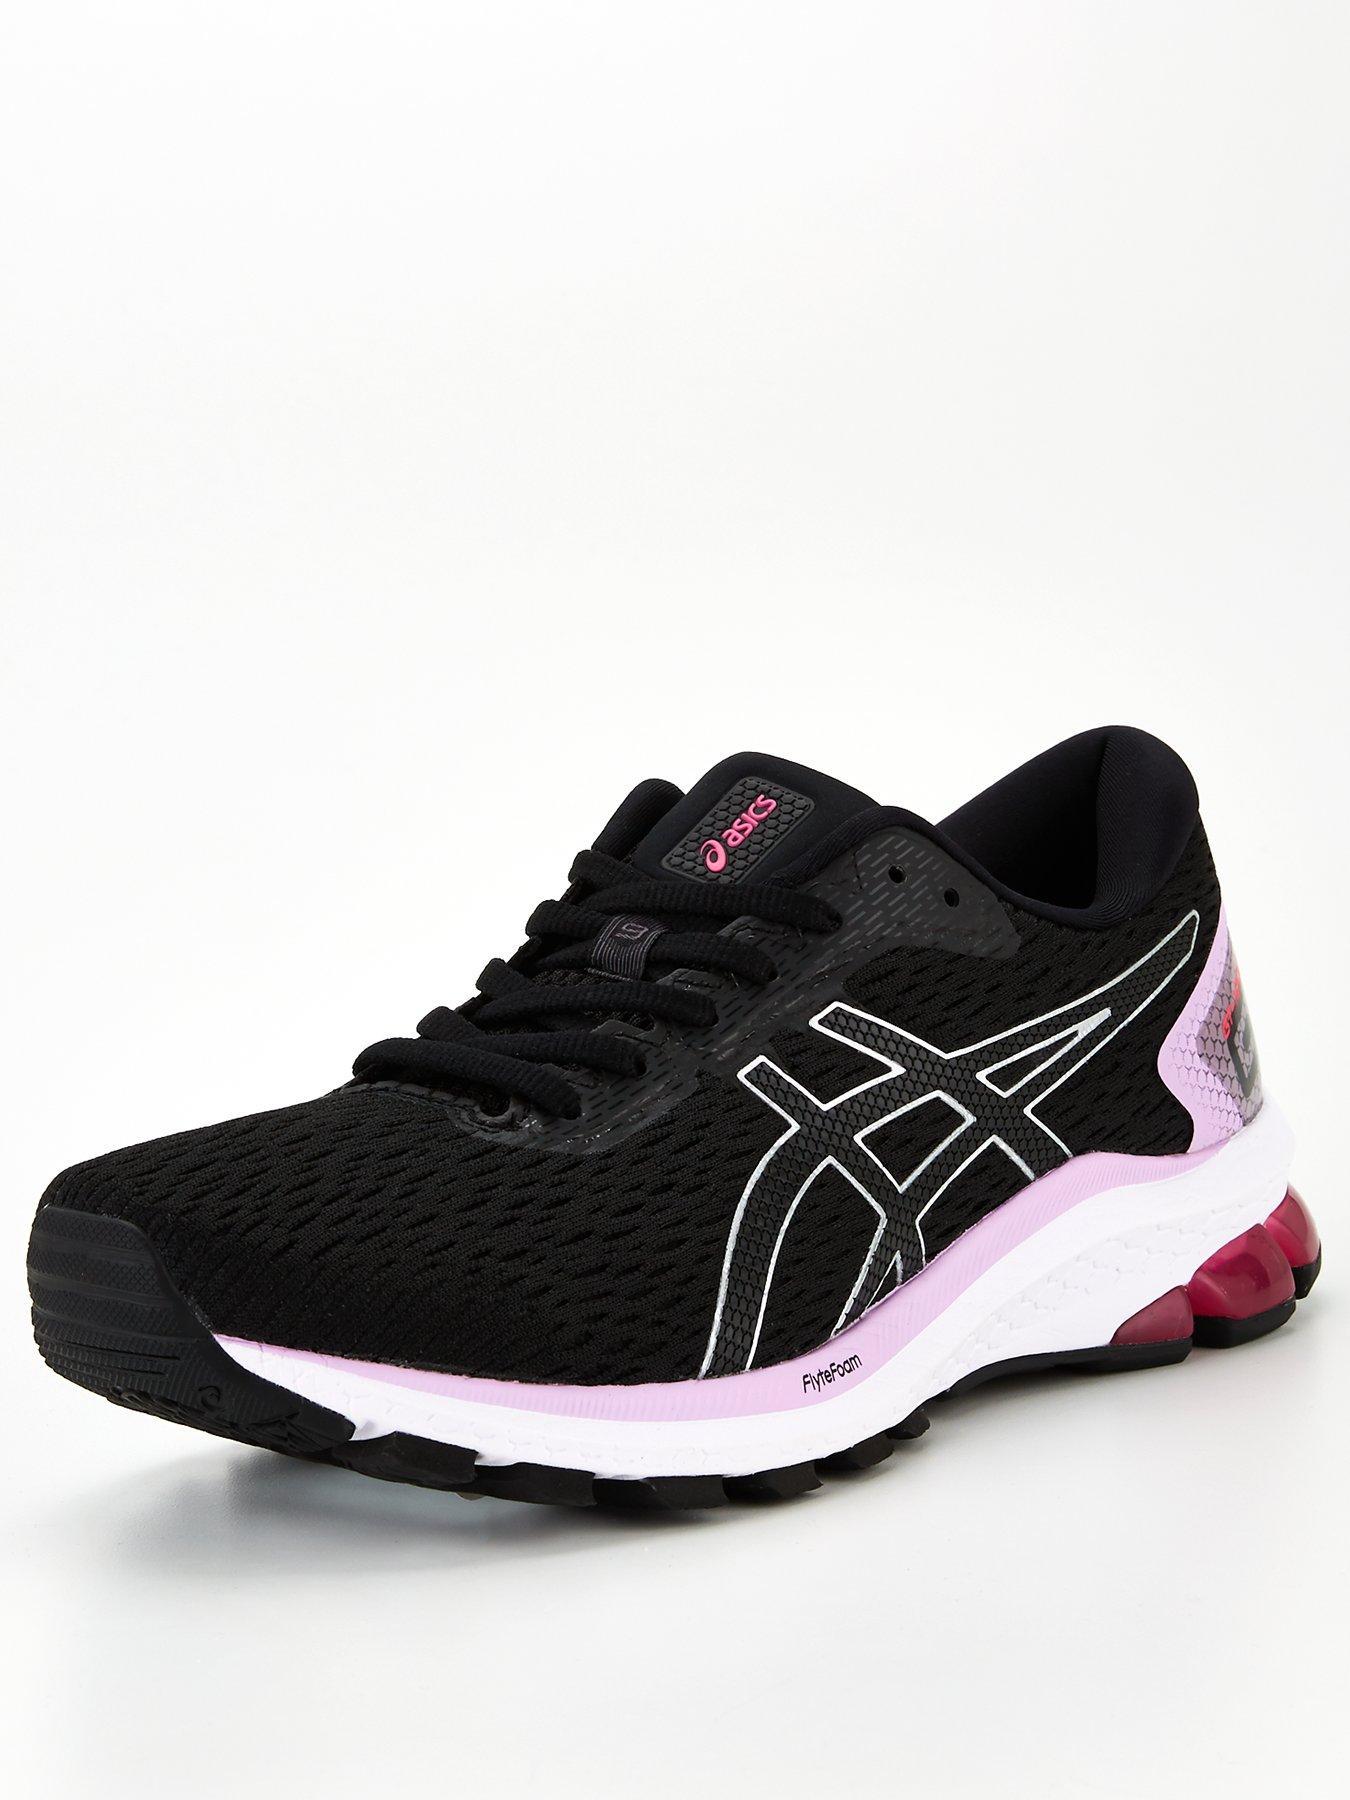 Asics Runners \u0026 Clothing | Brand Store